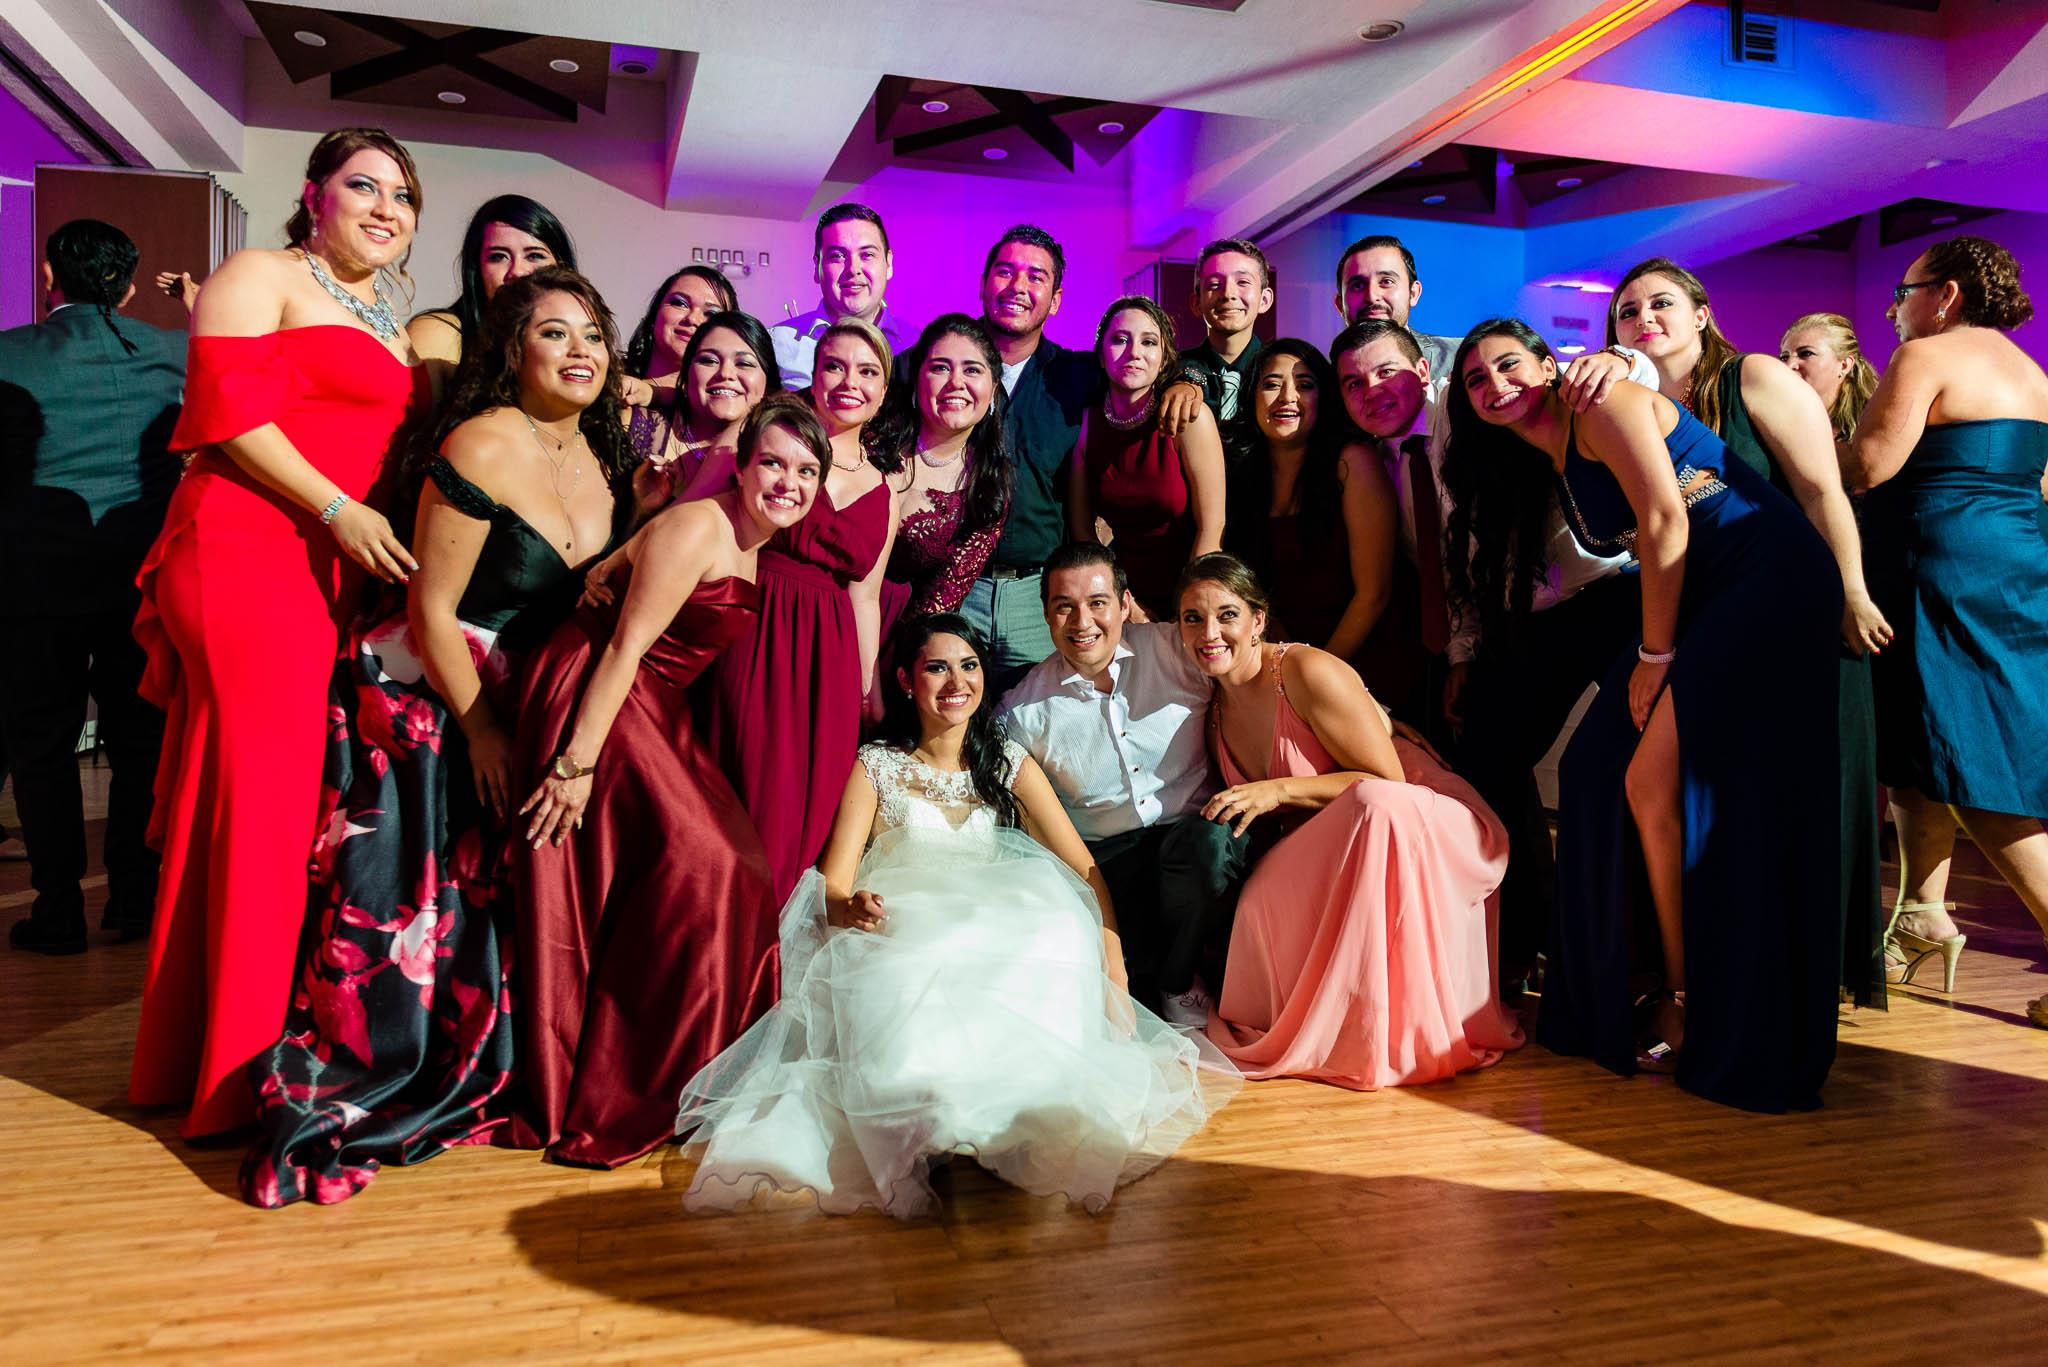 fotografo de bodas san luis potosi boda mexico wedding destination fotos de boda 277